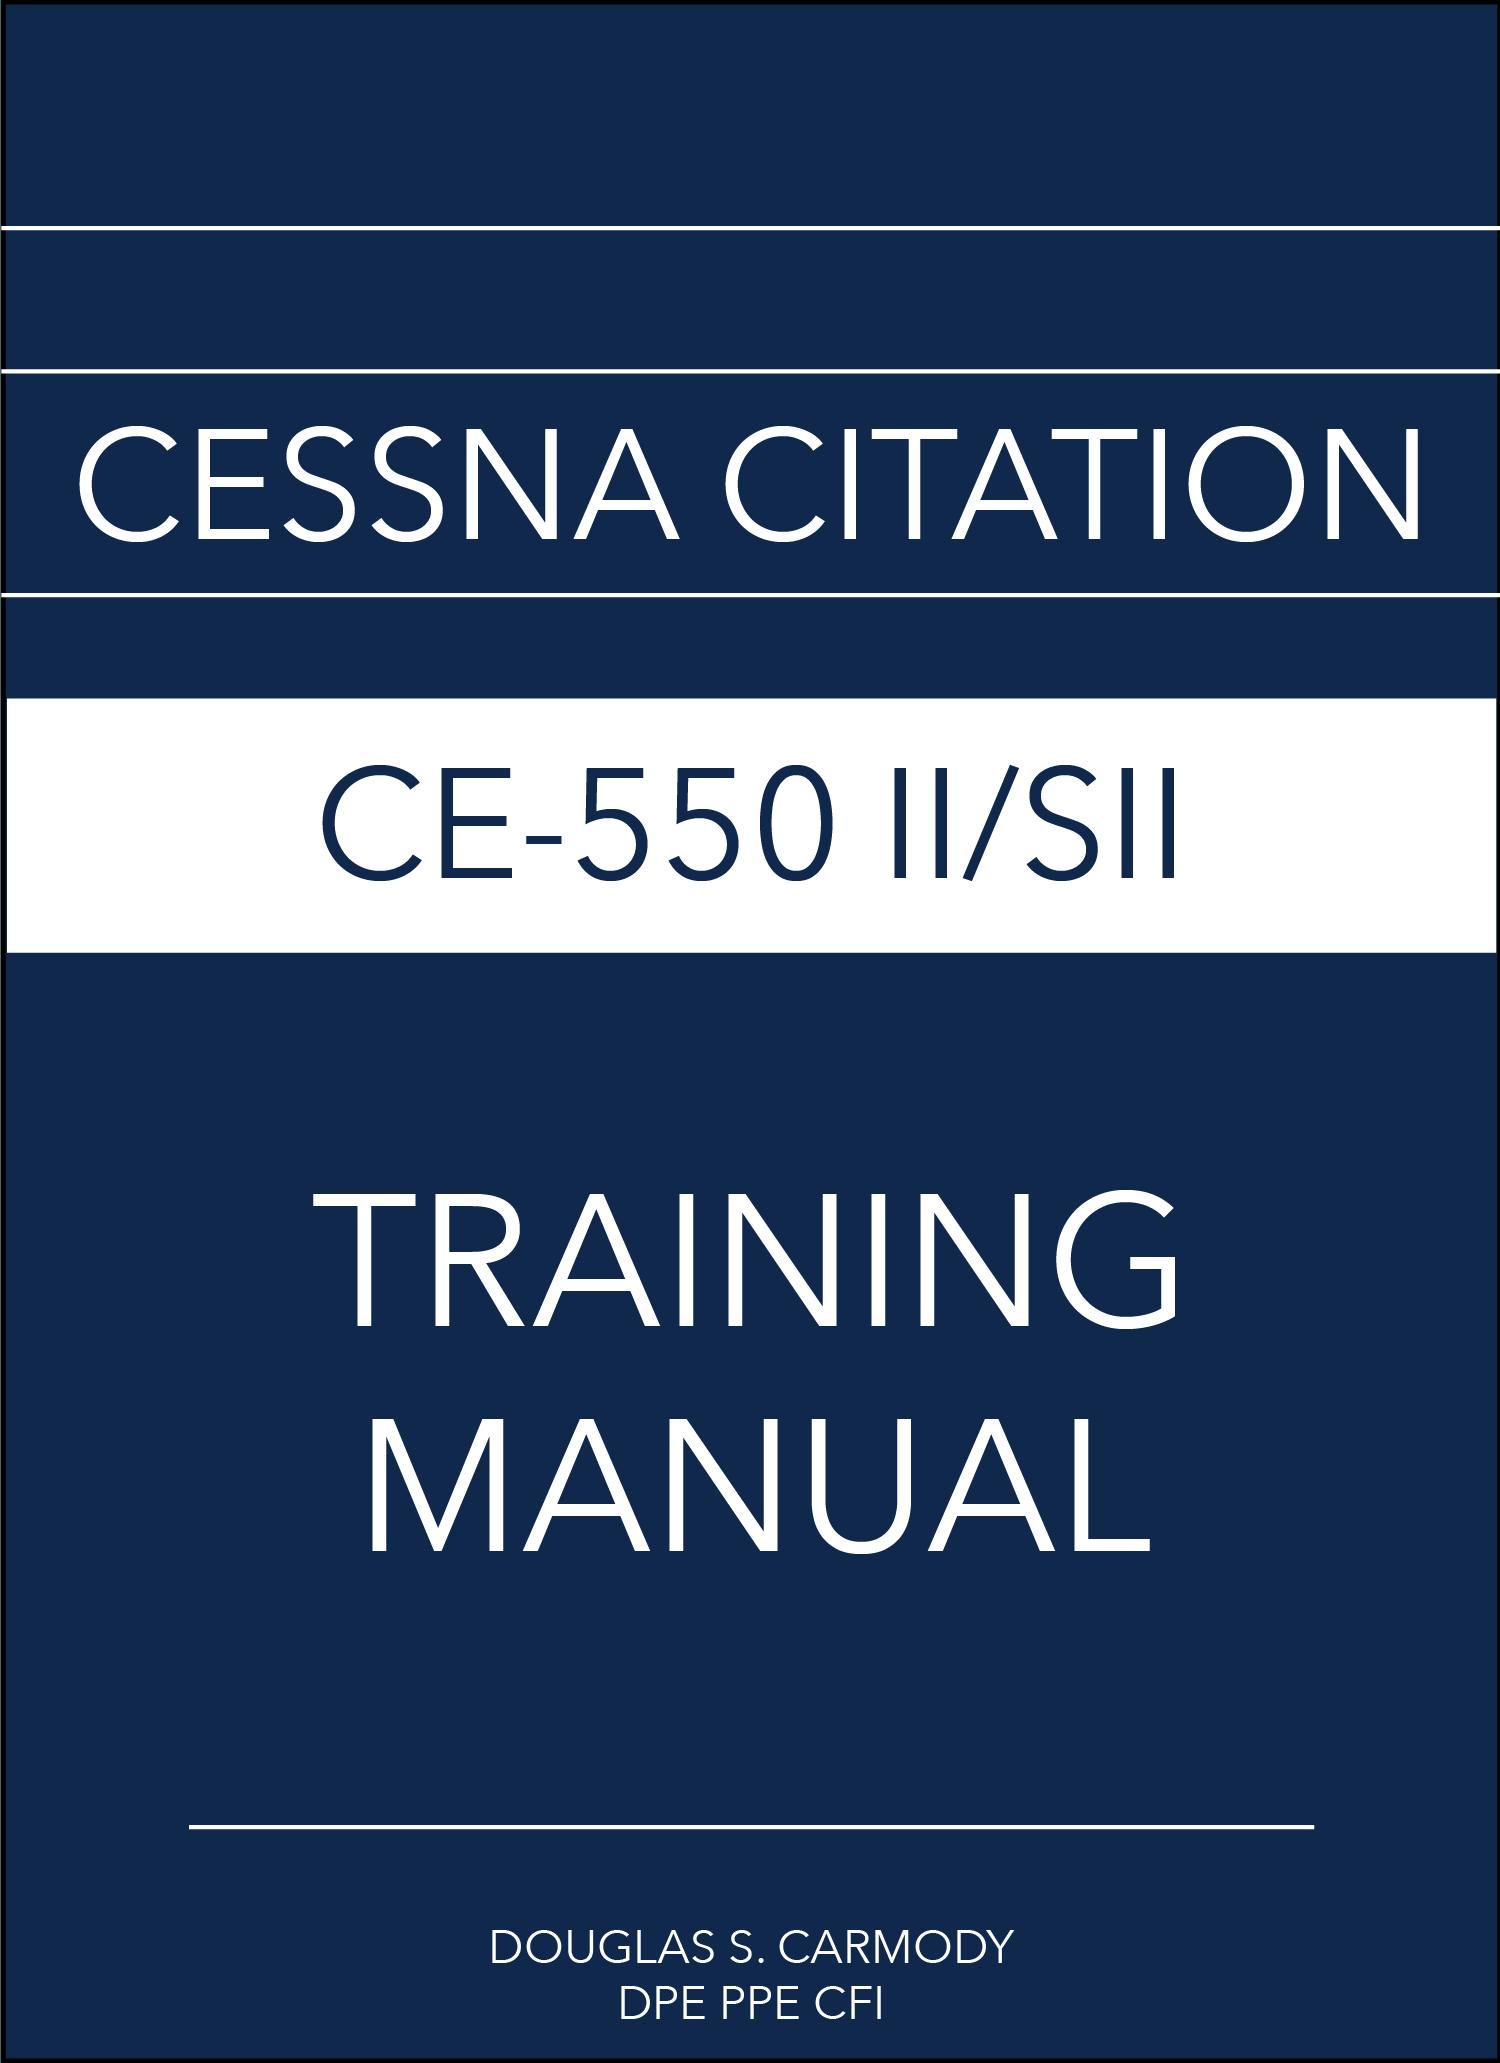 SafePilot CE-550 training manual